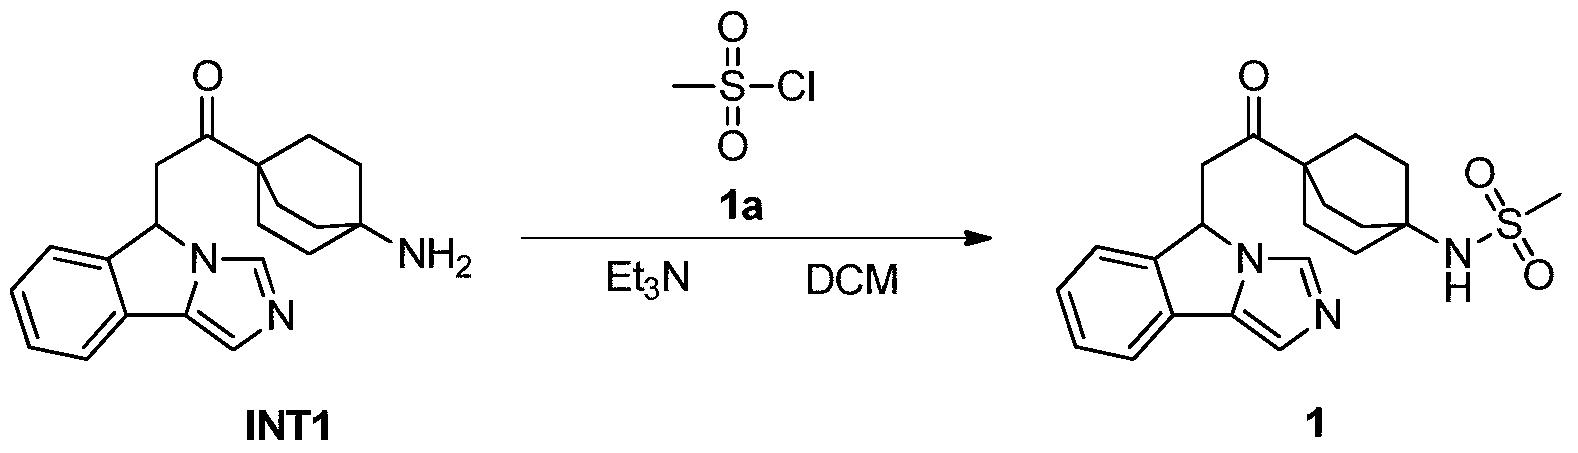 Figure PCTCN2017084604-appb-000235